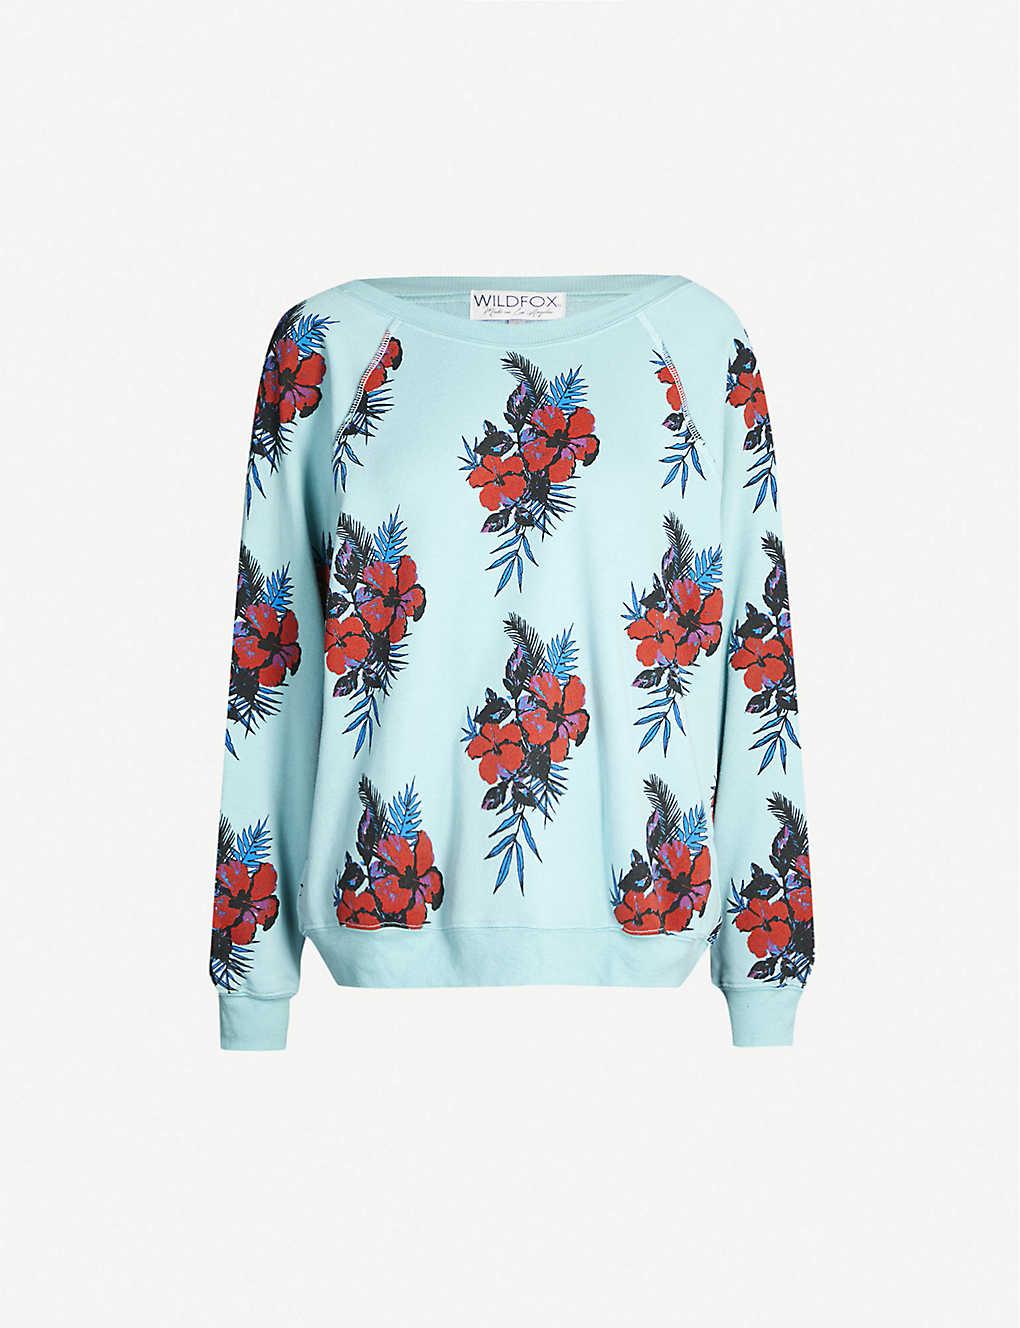 Hibiscus Dreams Sommers fleece sweatshirt